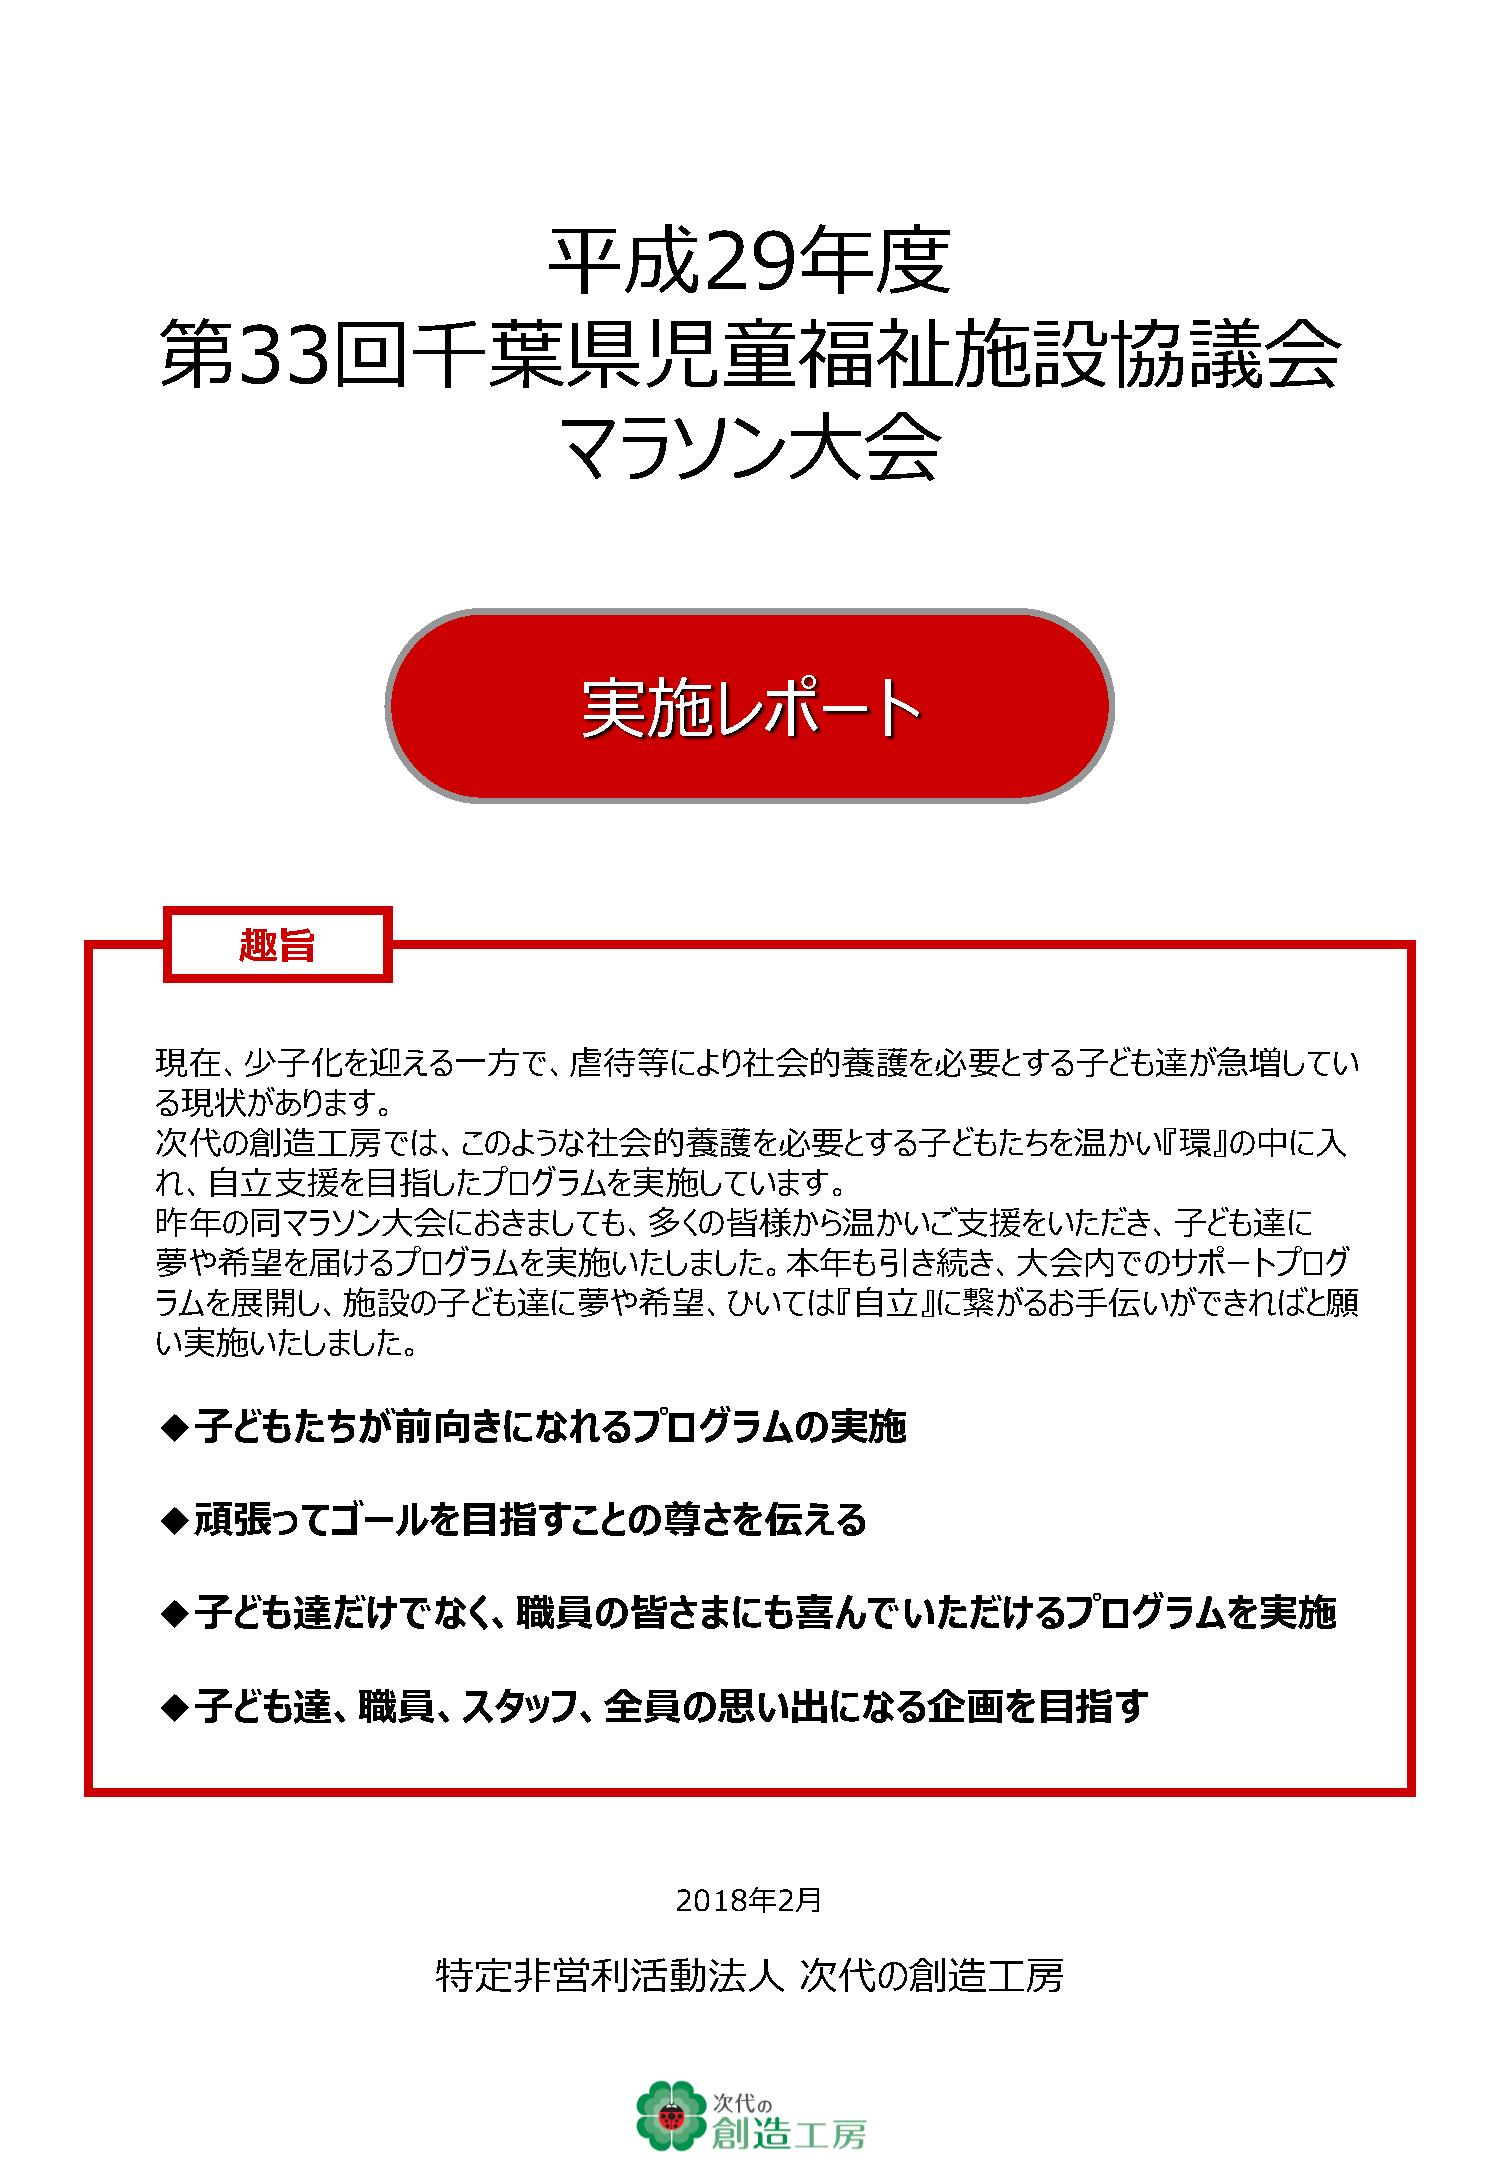 第33回千葉県児童福祉施設協議会マラソン大会 実施報告書